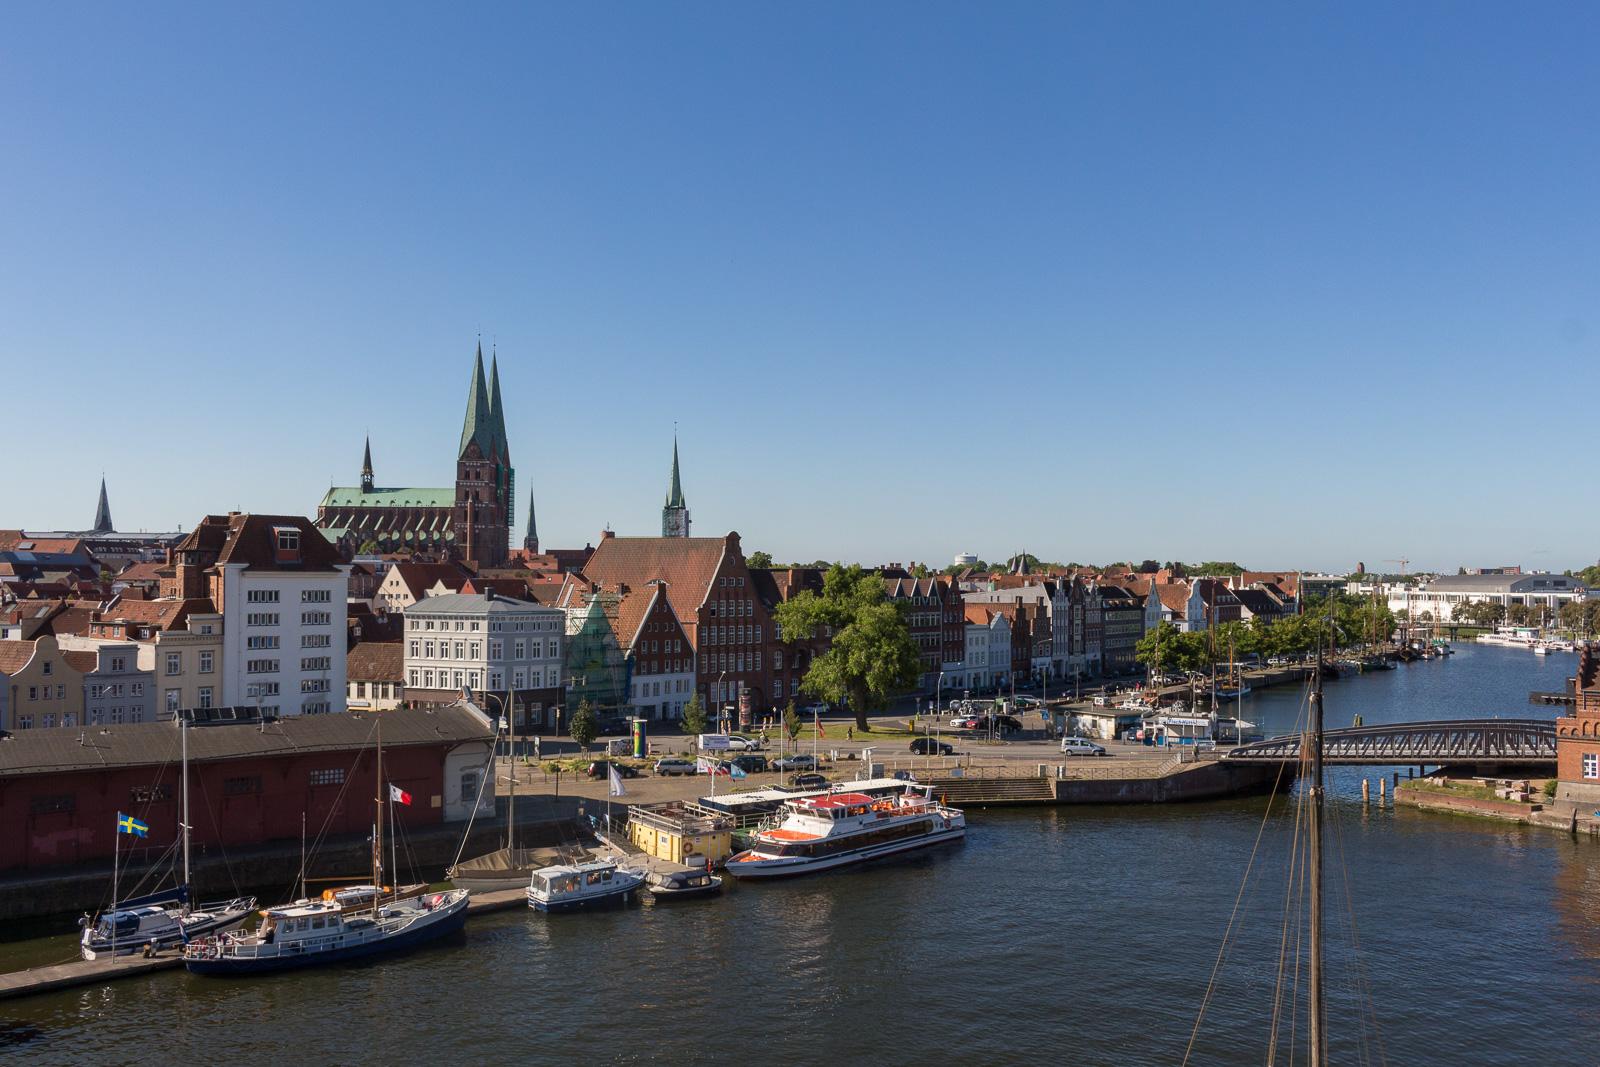 Lübeck, Luebeck, Lübecker Altstadt, Sightseeing, Städtetour, Luebeck entdecken, Unesco Weltkuturerbe, Sightseeing, Trave, hafen